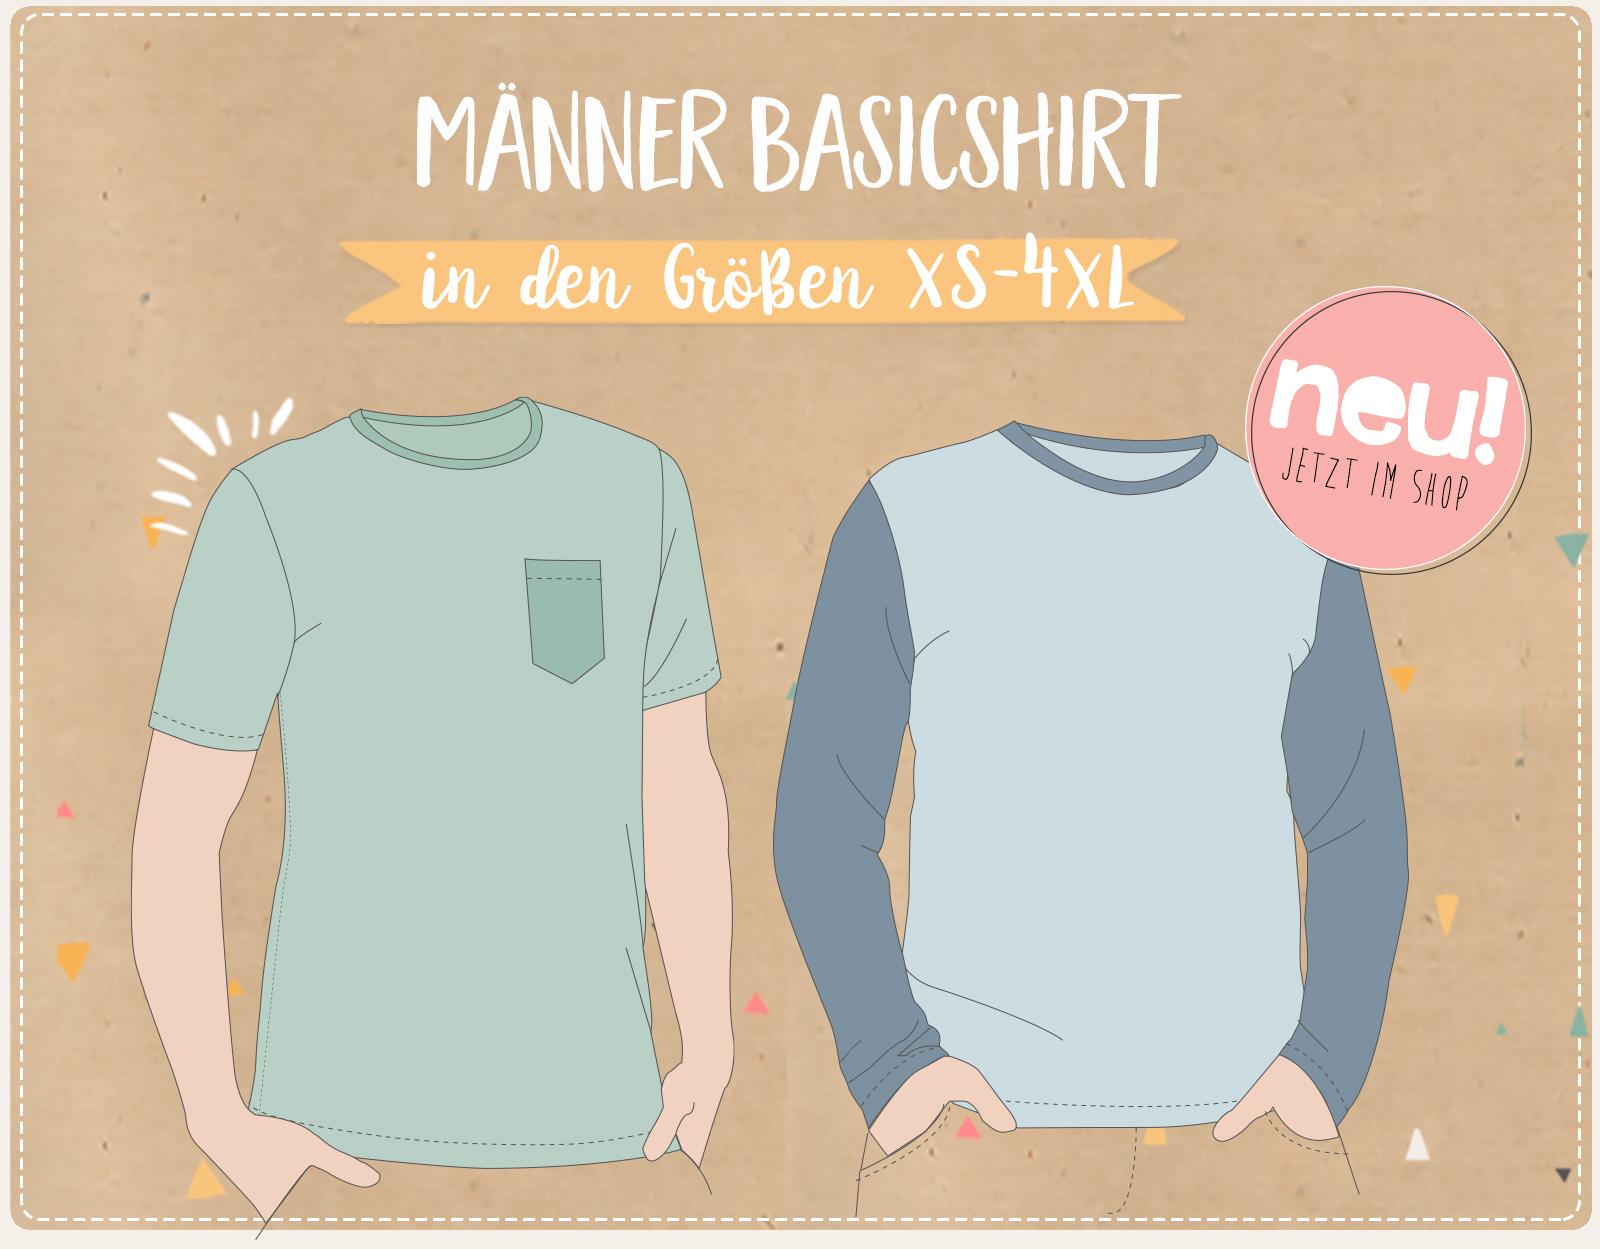 NEU: Das Basicshirt für die Männer (XS - 4XL)!